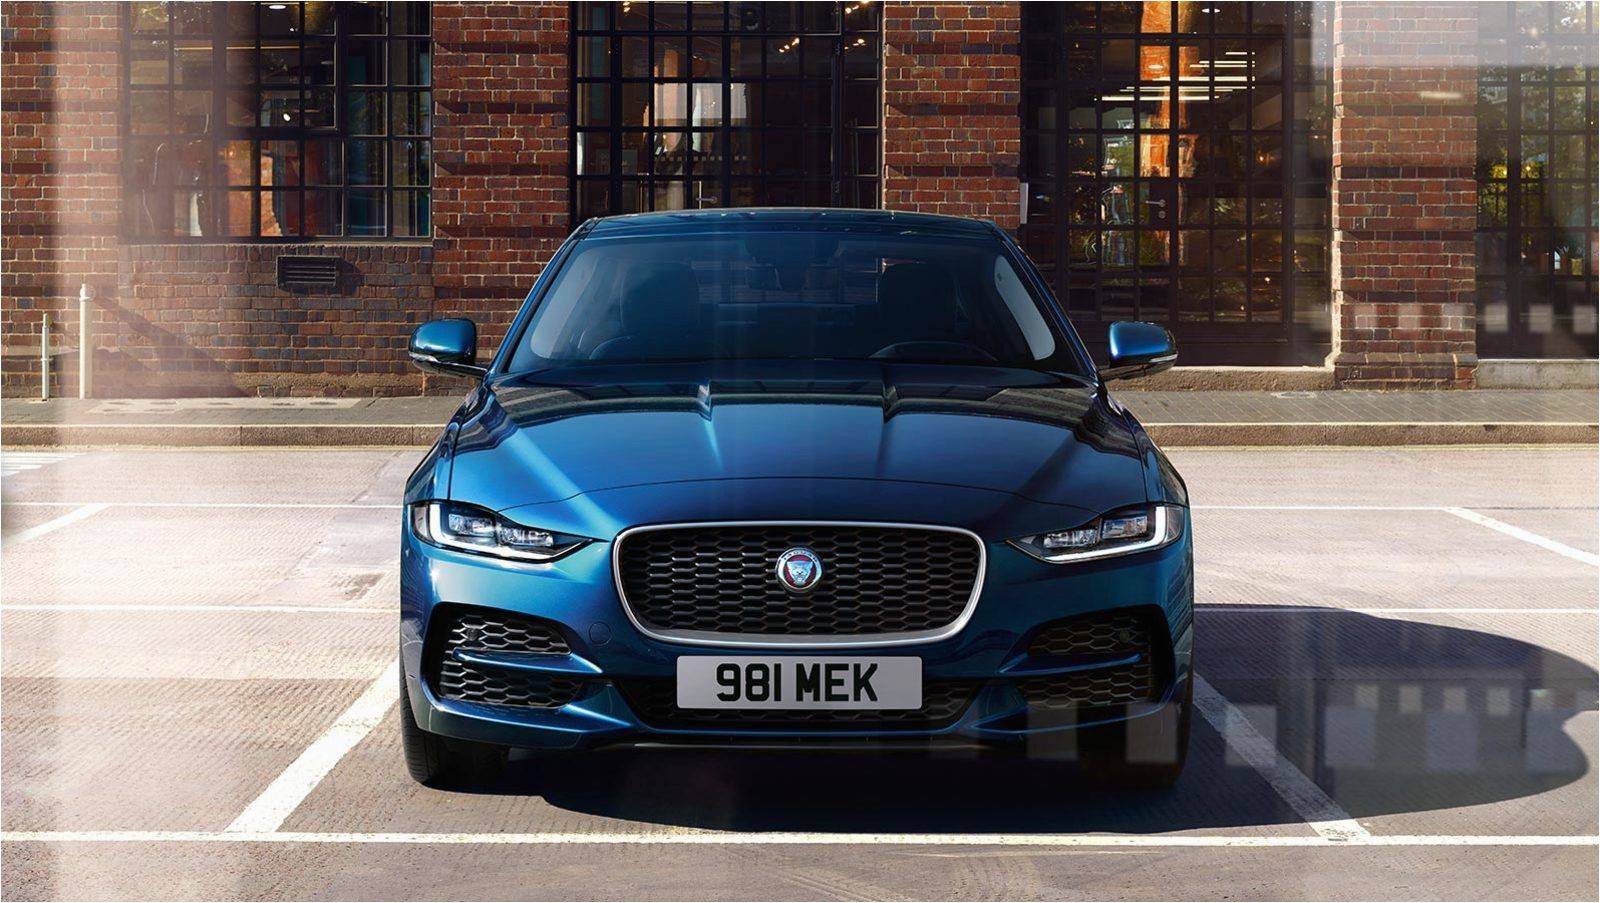 Jaguar Xe 2020 Price In India In 2020 Jaguar Xe New Jaguar Bmw M4 Coupe